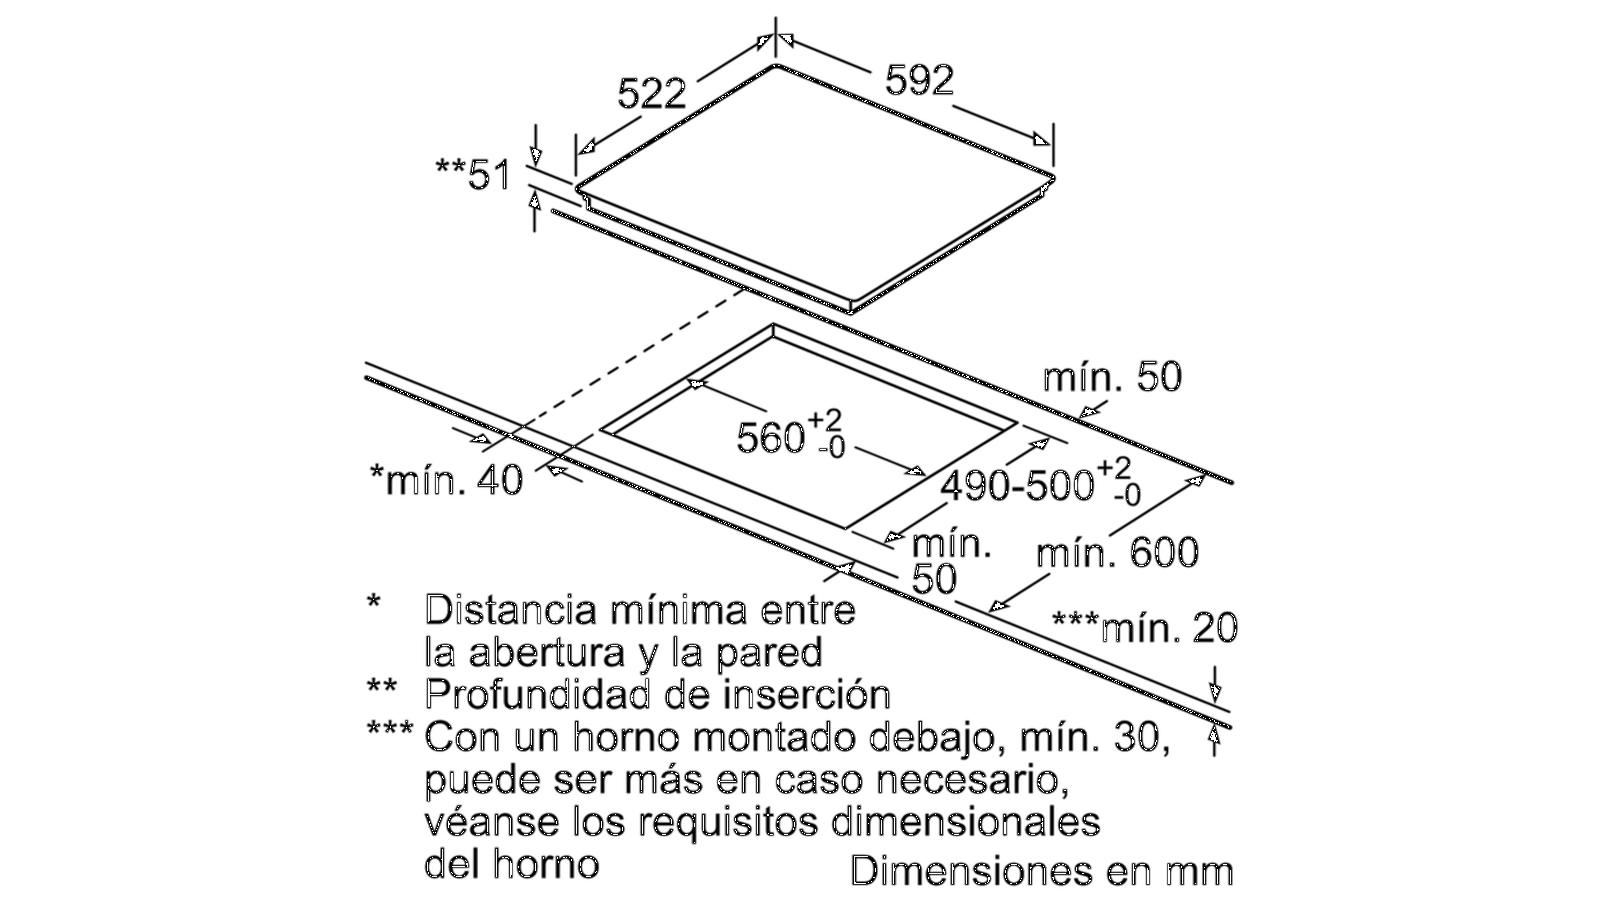 Bếp từ BOSCH PUC631BB2E 3 vòng bếp, xuất xứ Tây Ban Nha |osm.com.vn | Thiết  bị bếp và gia dụng OSM